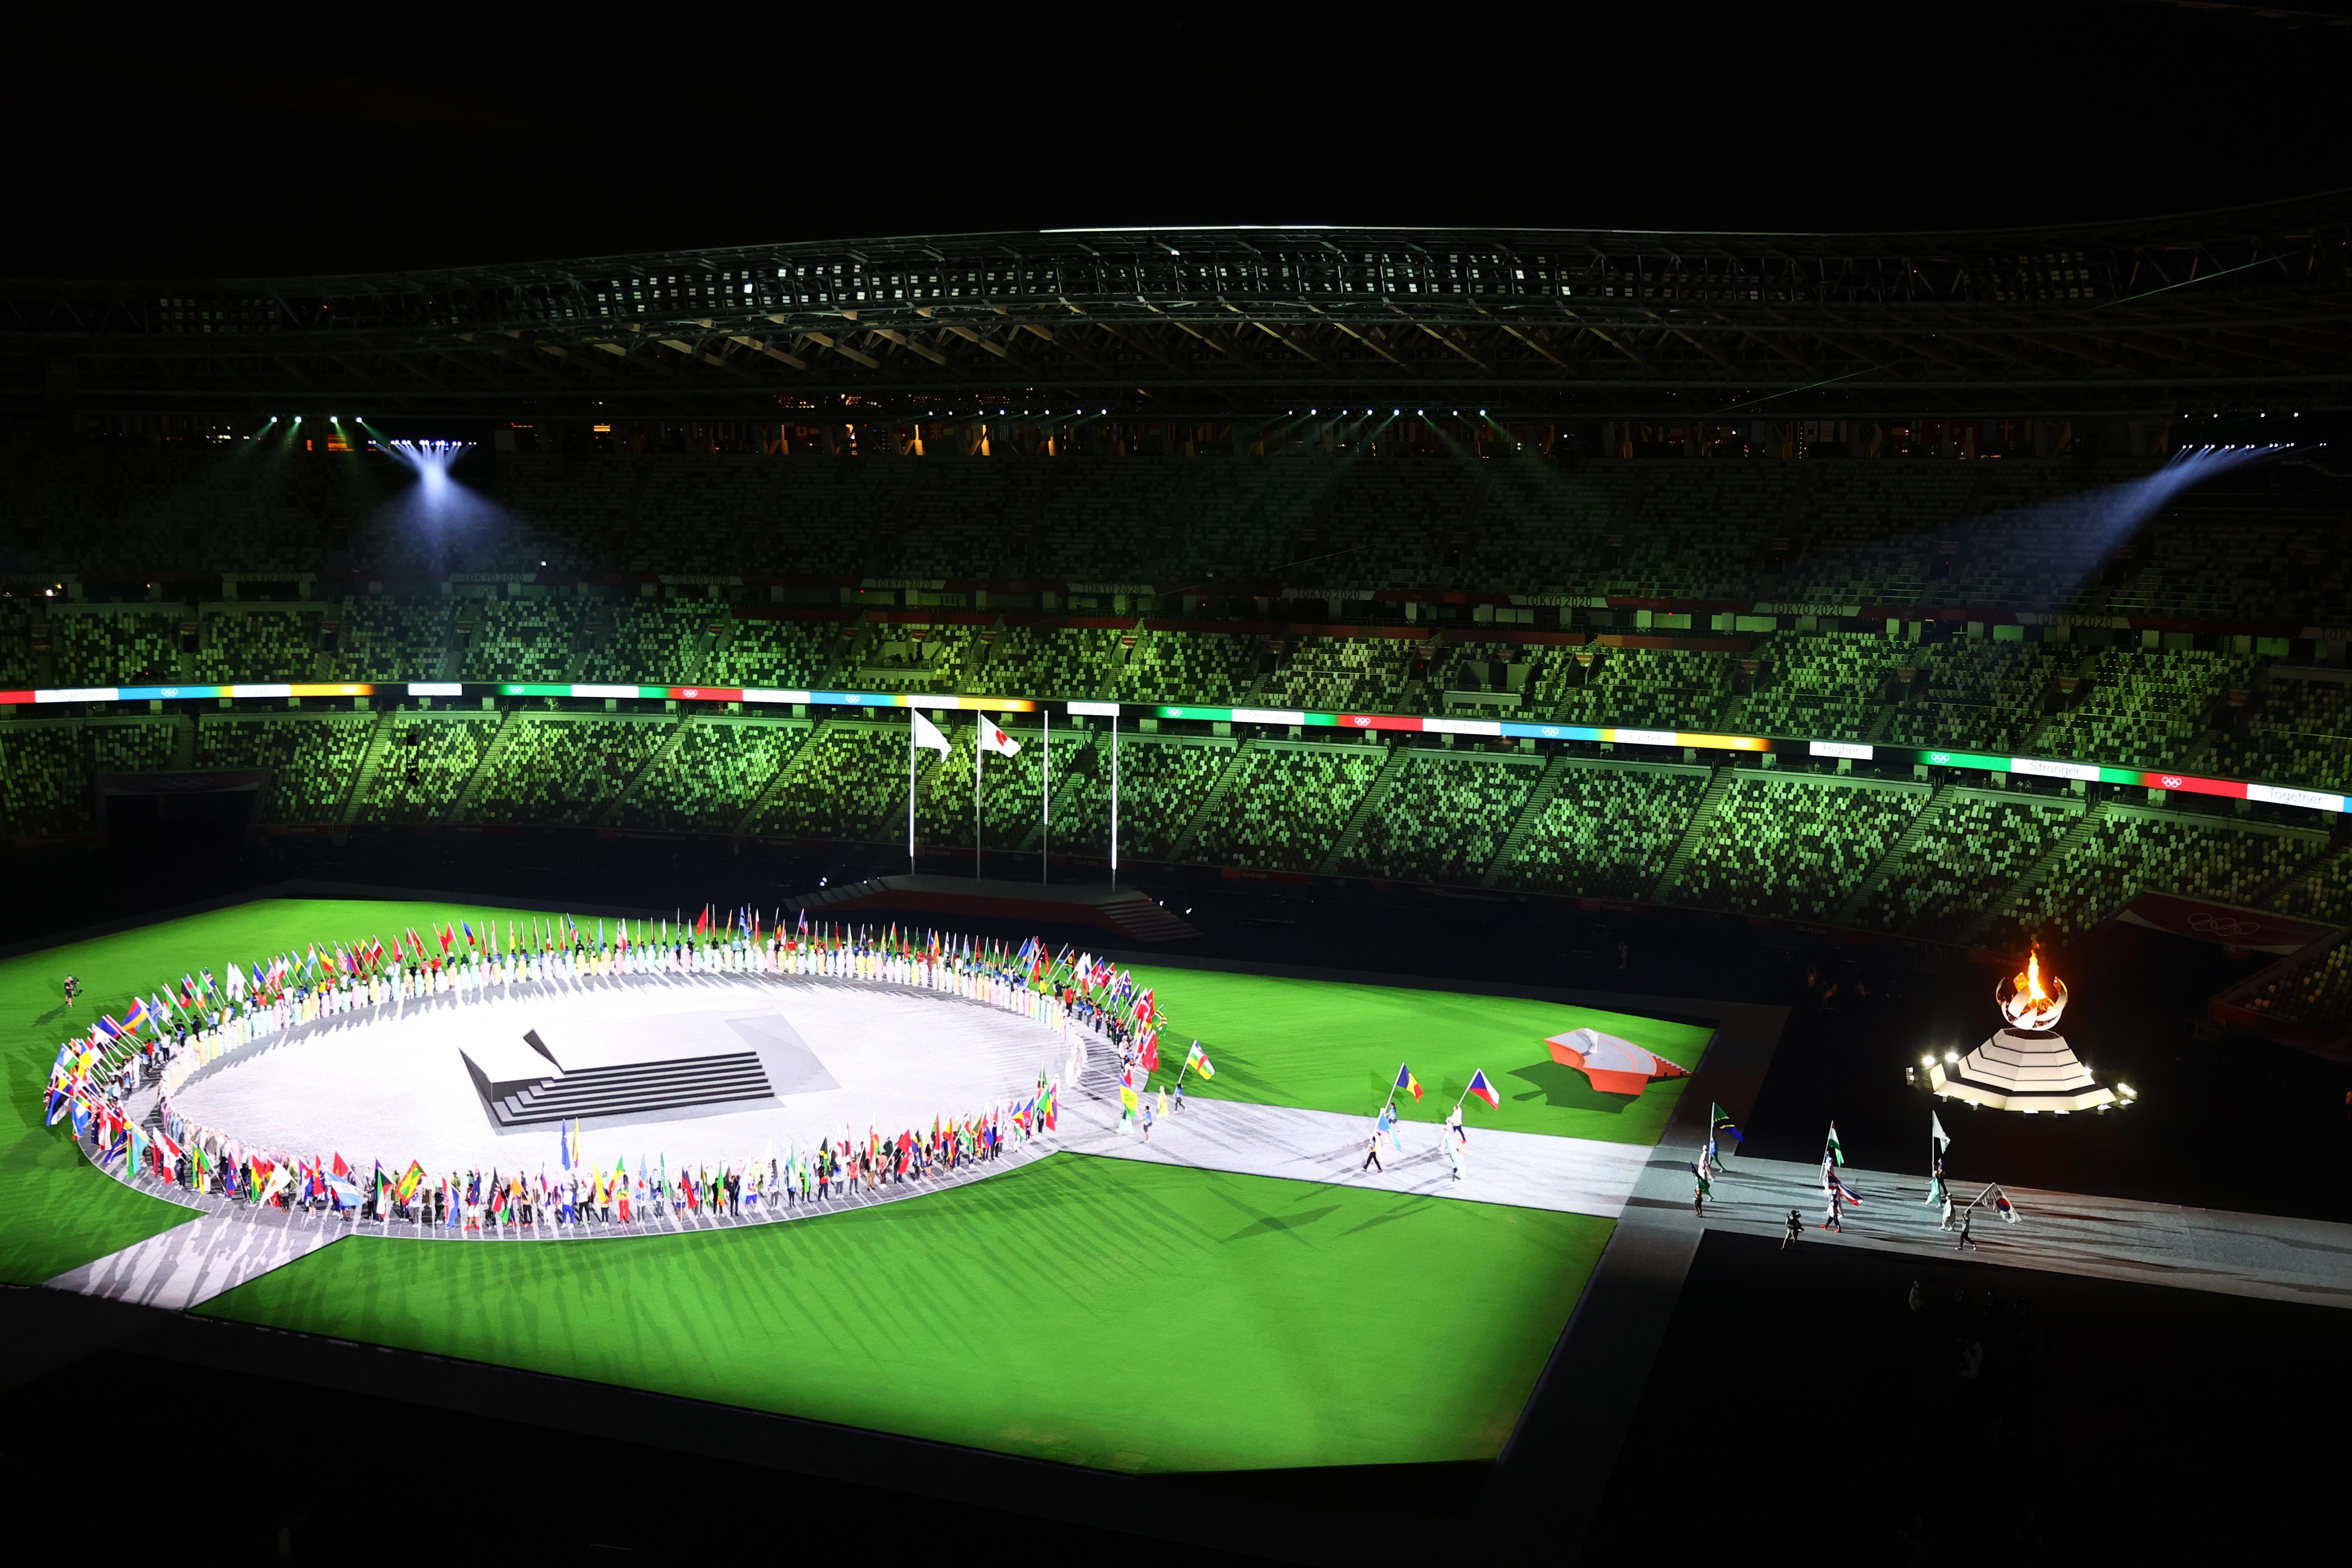 सभी एथलीट्स स्टेडियम में एक गोले में खड़े हैं। बीच में म्यूजिक बैंड स्टेज पर परफॉर्म कर रहे हैं।